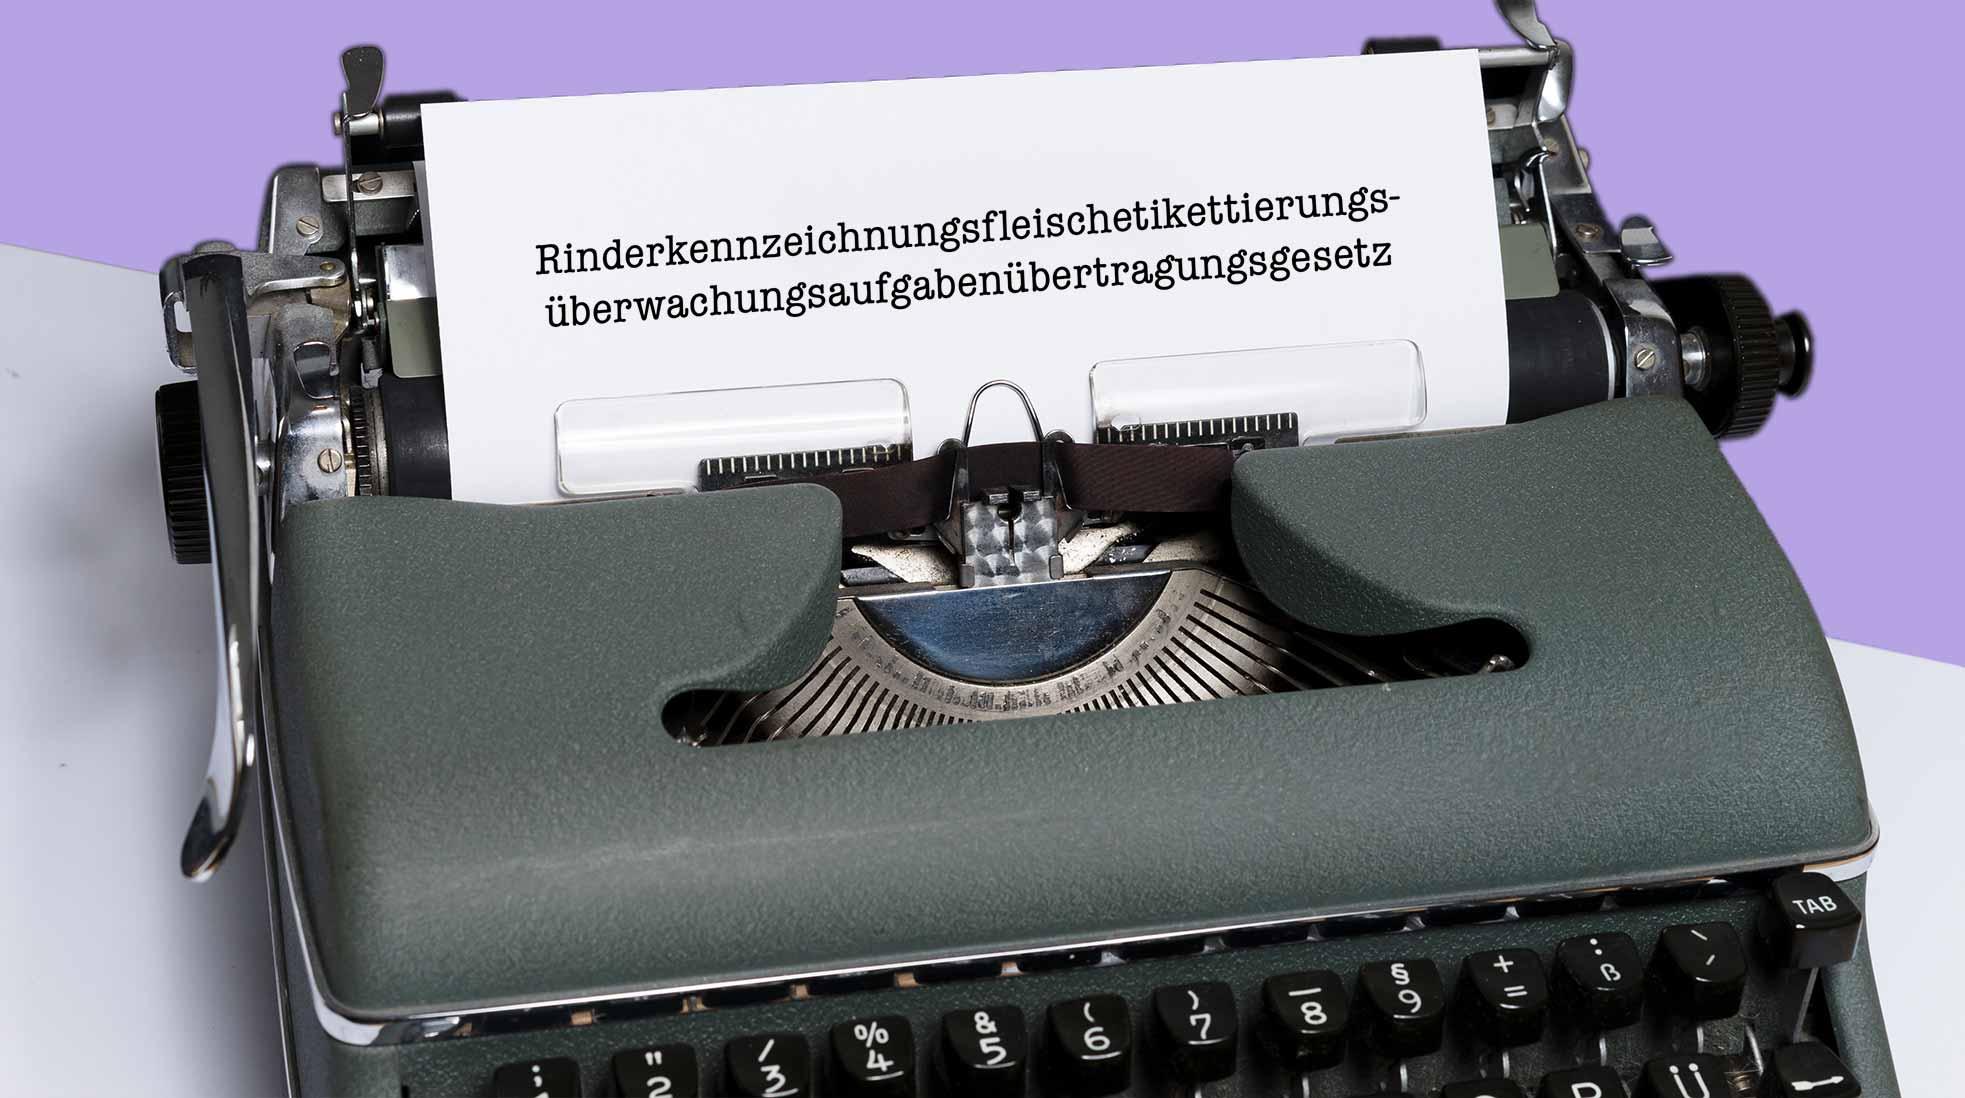 En gammal tysk skrivmaskin. Foto:  Markus Winkler / Unsplash (bilden har redigerats).